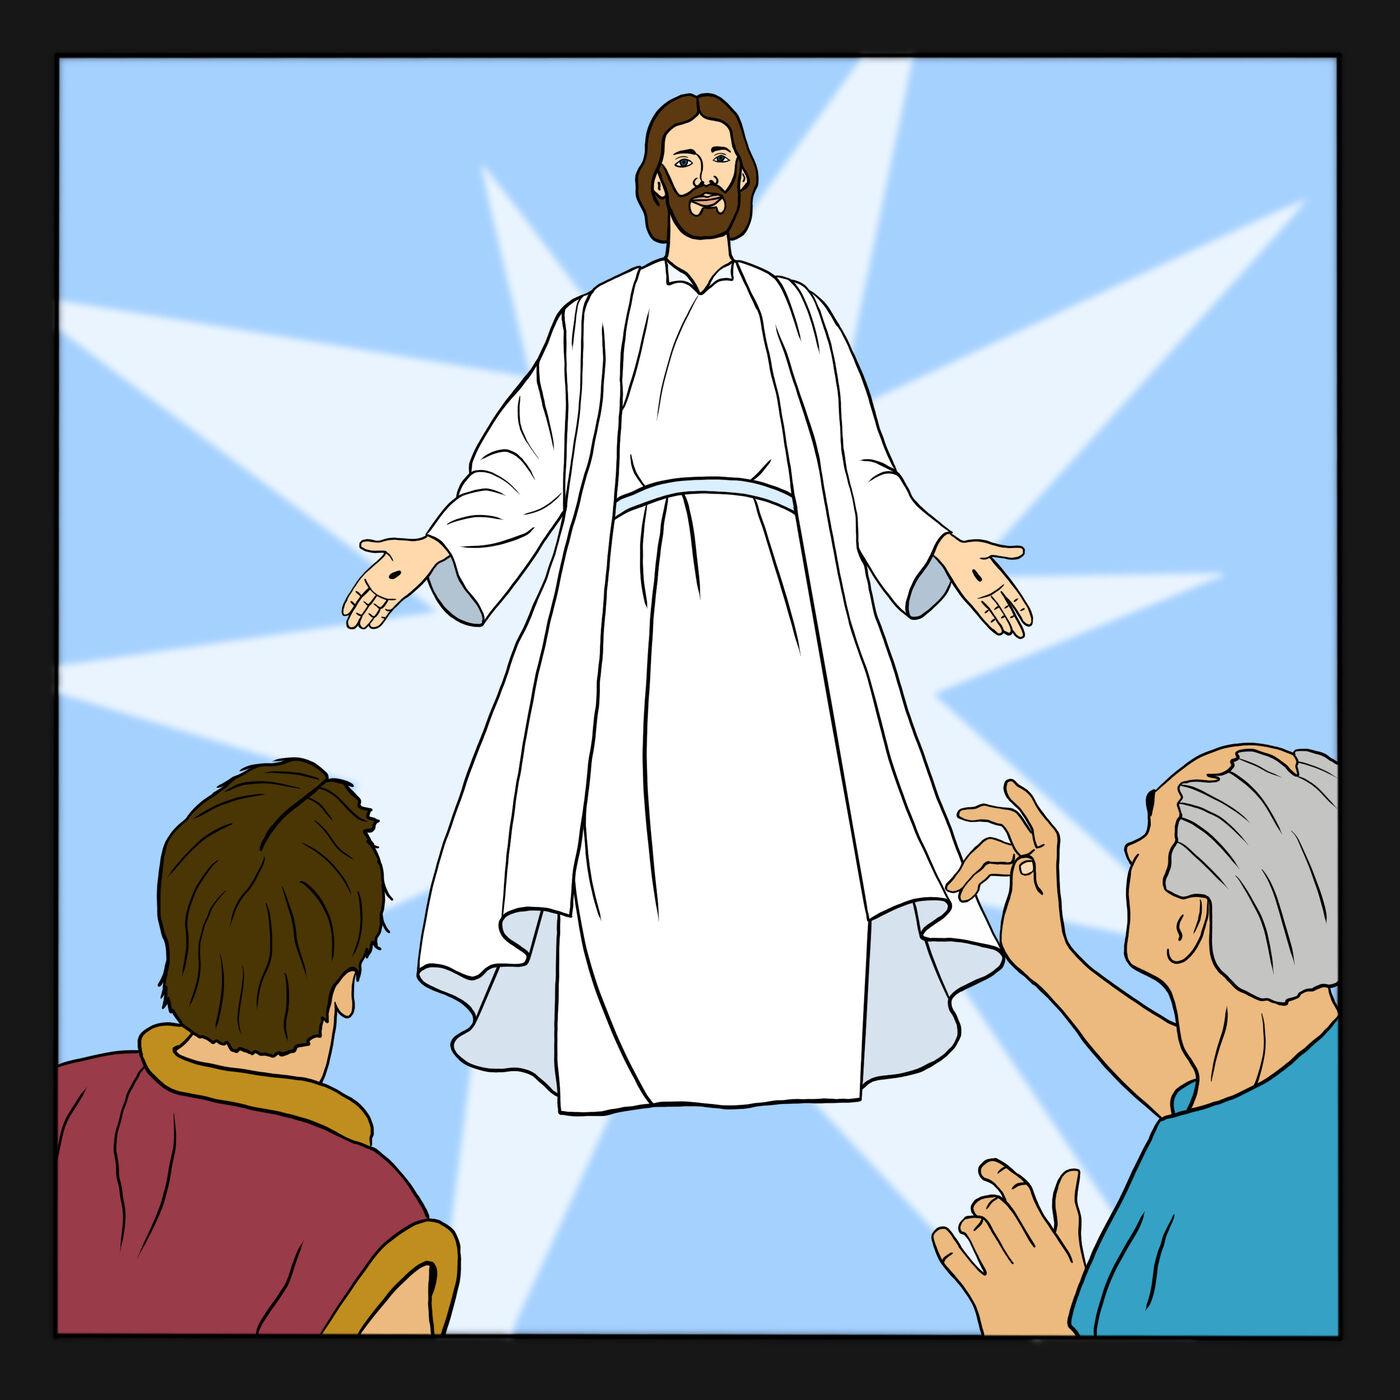 Christ Comes